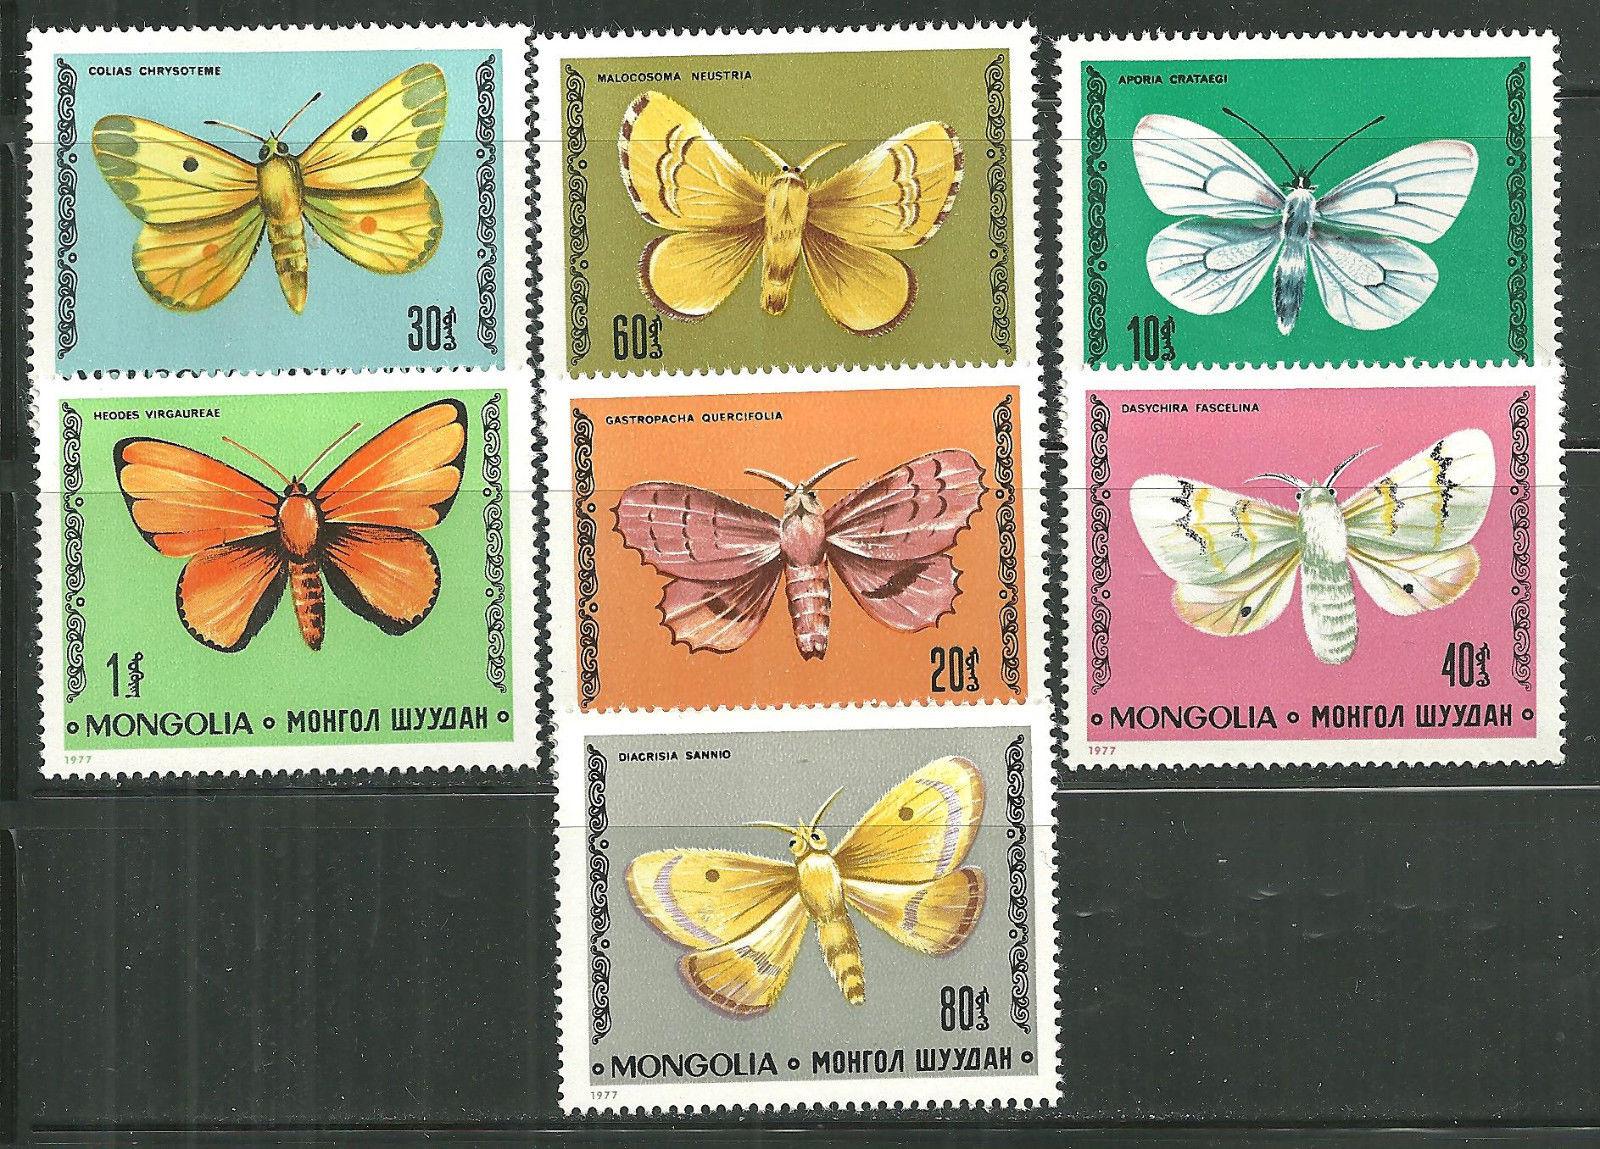 แสตมป์มองโกเลีย ชุด Moths Butterfly ผีเสือ ปี 1977 - MONGOLIA